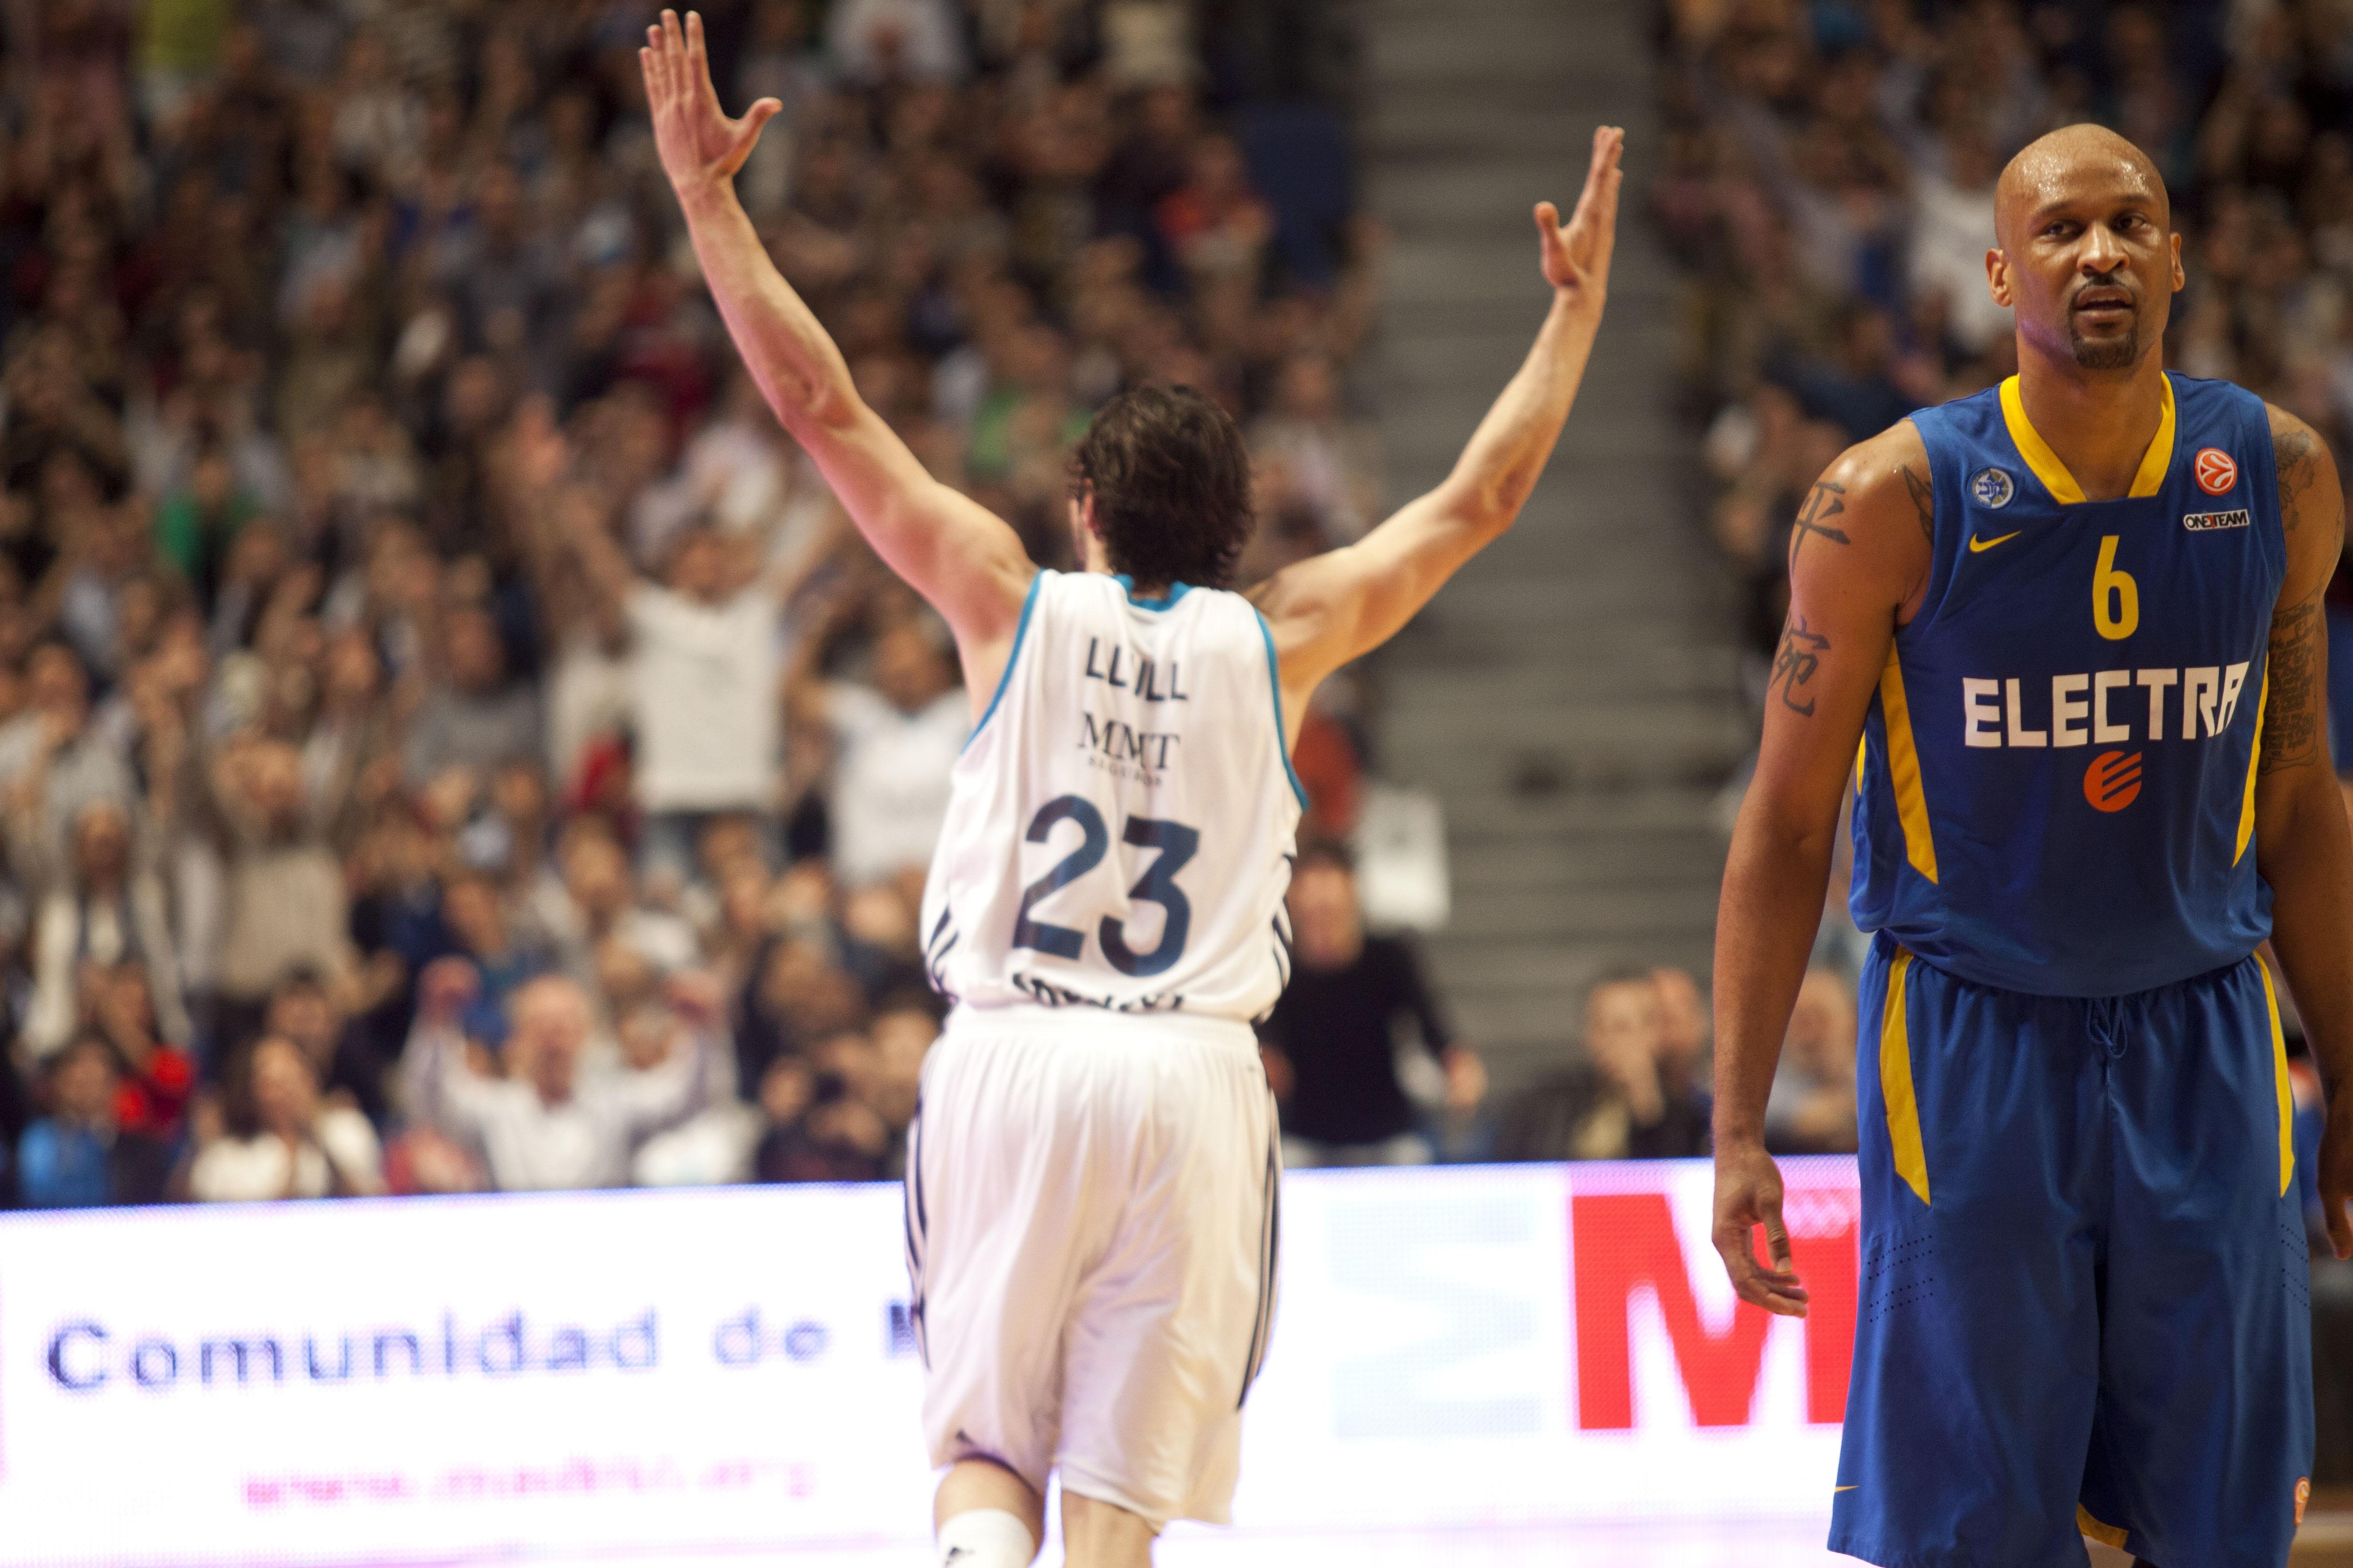 El Real Madrid quiere recuperar la fortaleza continental ante el Maccabi